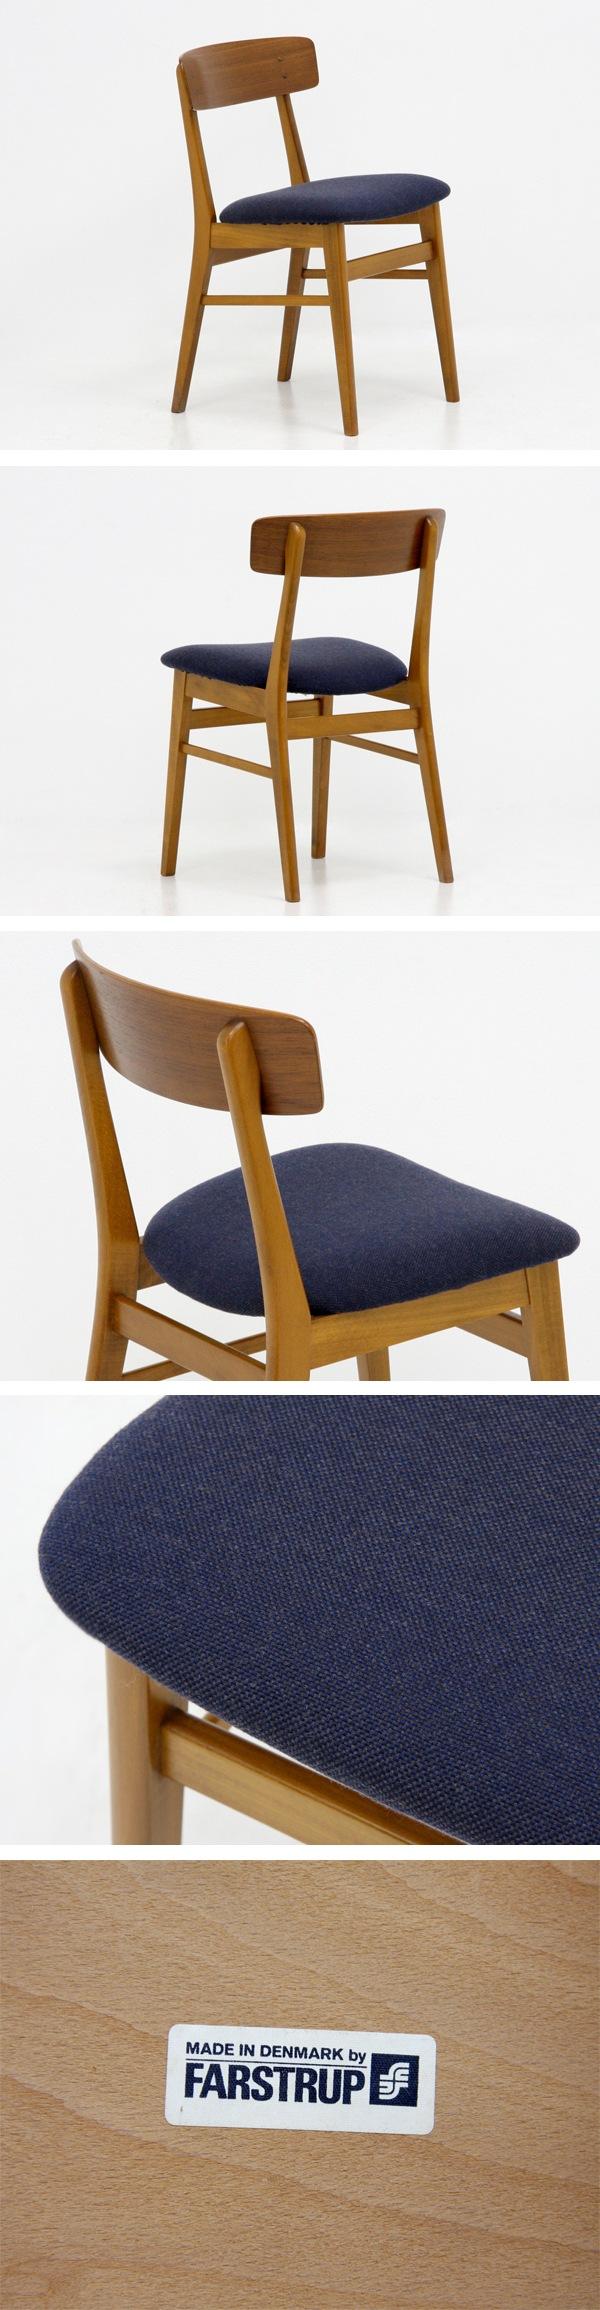 北欧家具,アンティーク,FARSTRUP,ダイニングチェア,チーク材,2脚セット,紺色